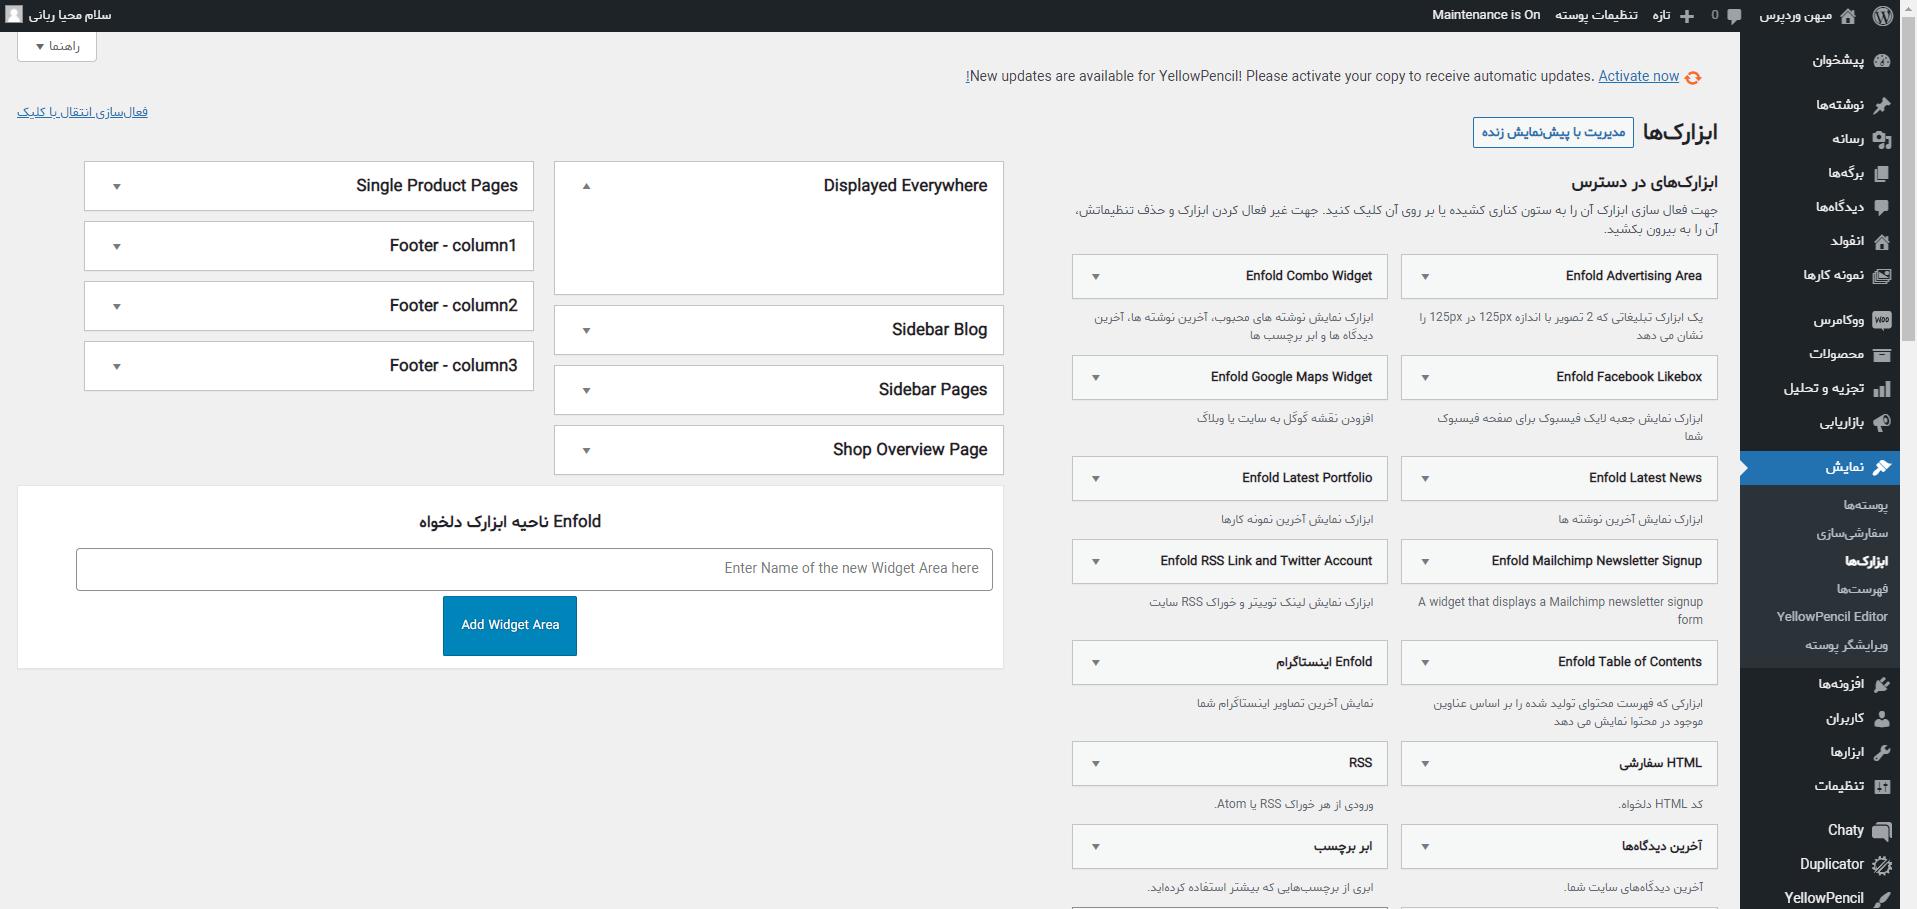 ورود به قسمت ابزارکها برای افزودن متن لینک در فوتر سایت